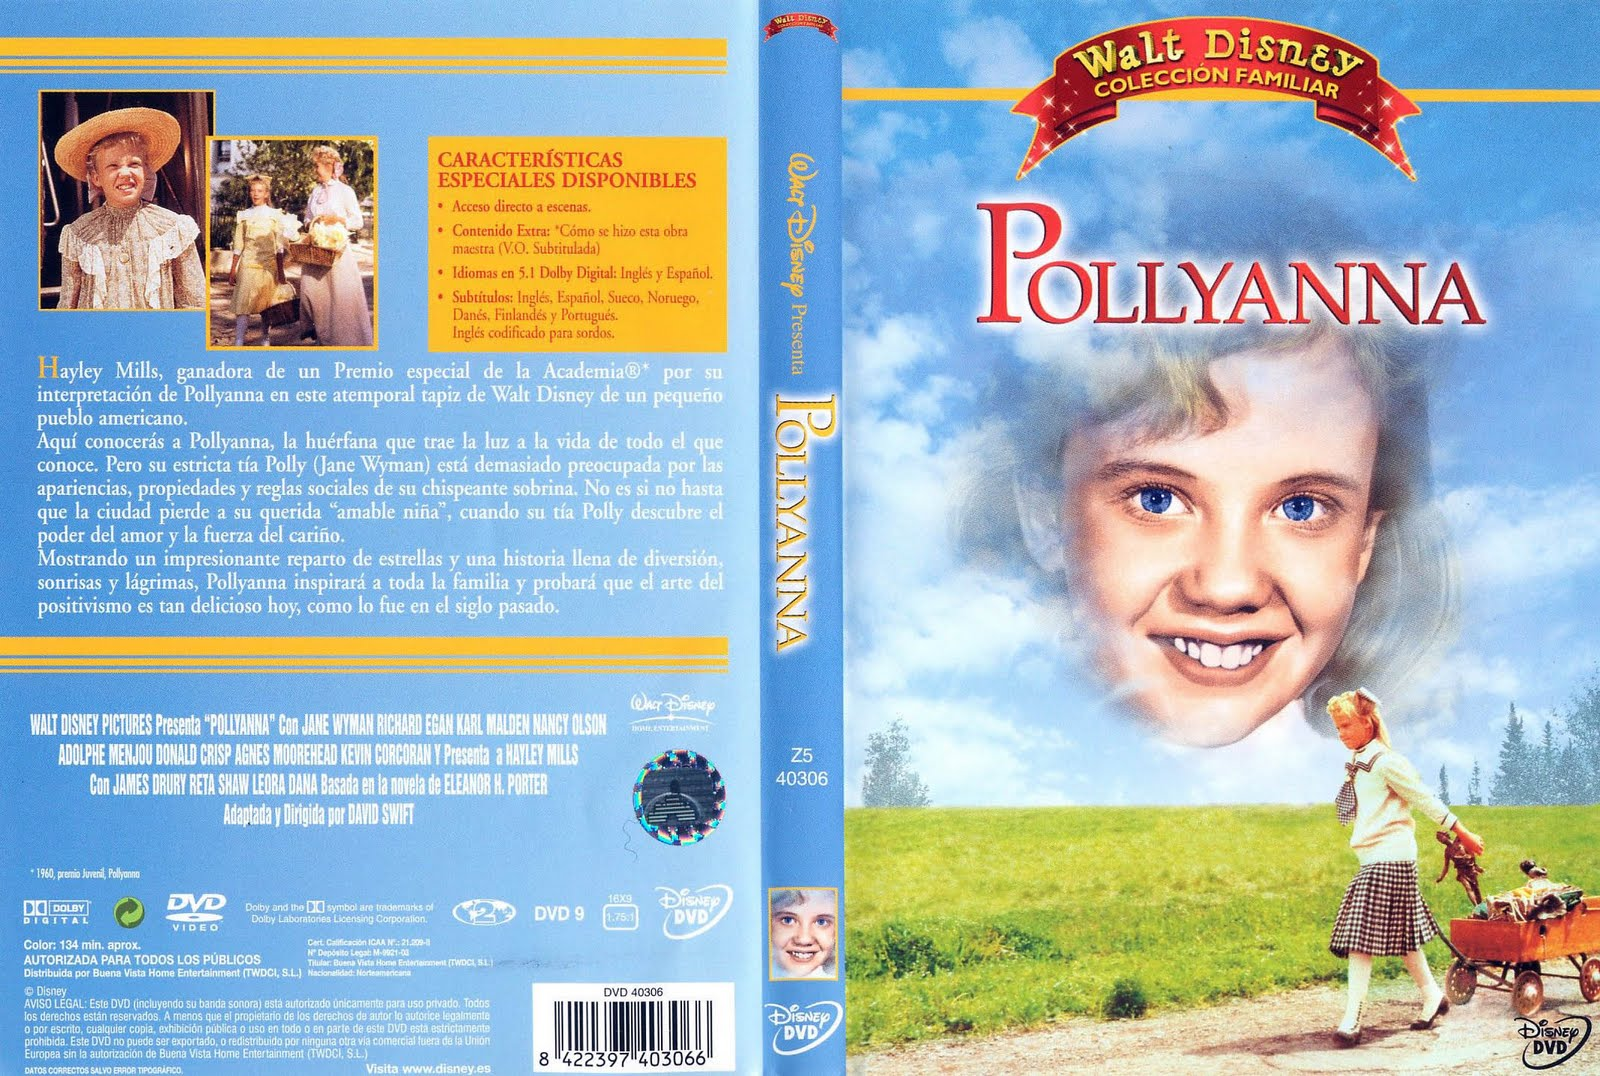 http://2.bp.blogspot.com/-w0XlNSpAeDo/TifKyClIOeI/AAAAAAAAA1A/xRsNP56B9X4/s1600/Pollyanna-CineClasicoConecta2.jpg